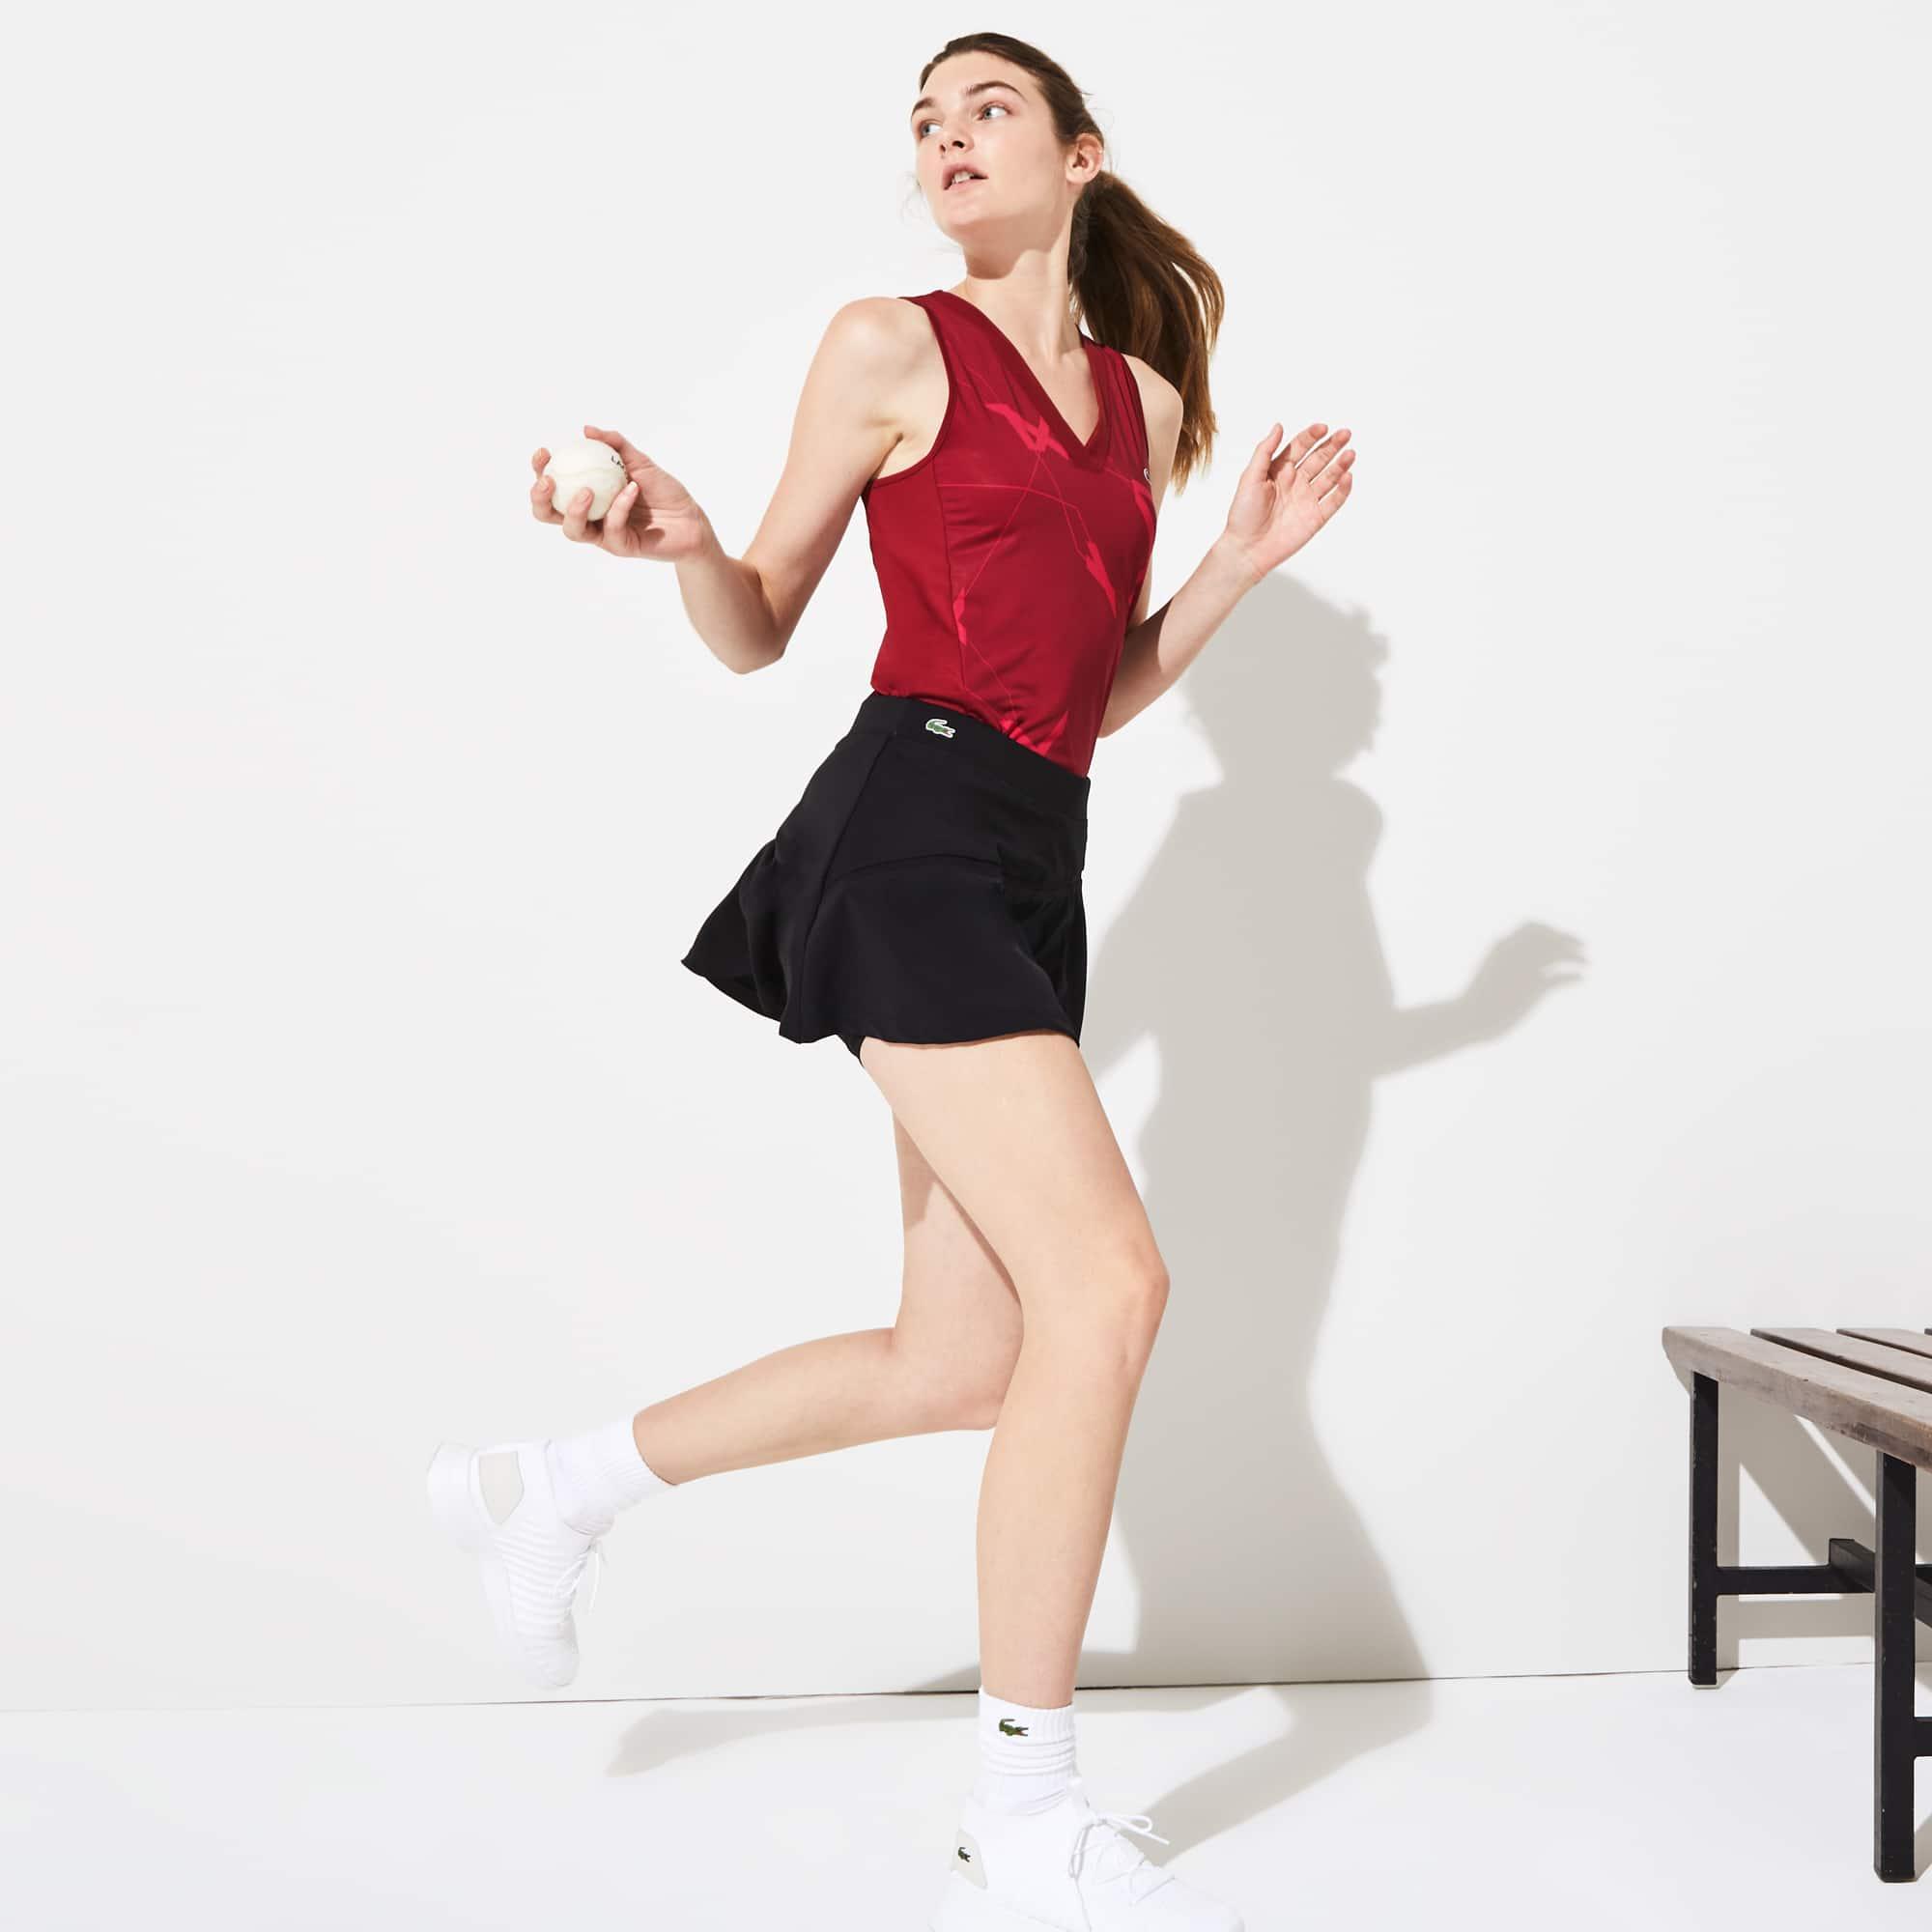 Falda de mujer Lacoste SPORT Tennis en dos materiales con pantalón corto incorporado